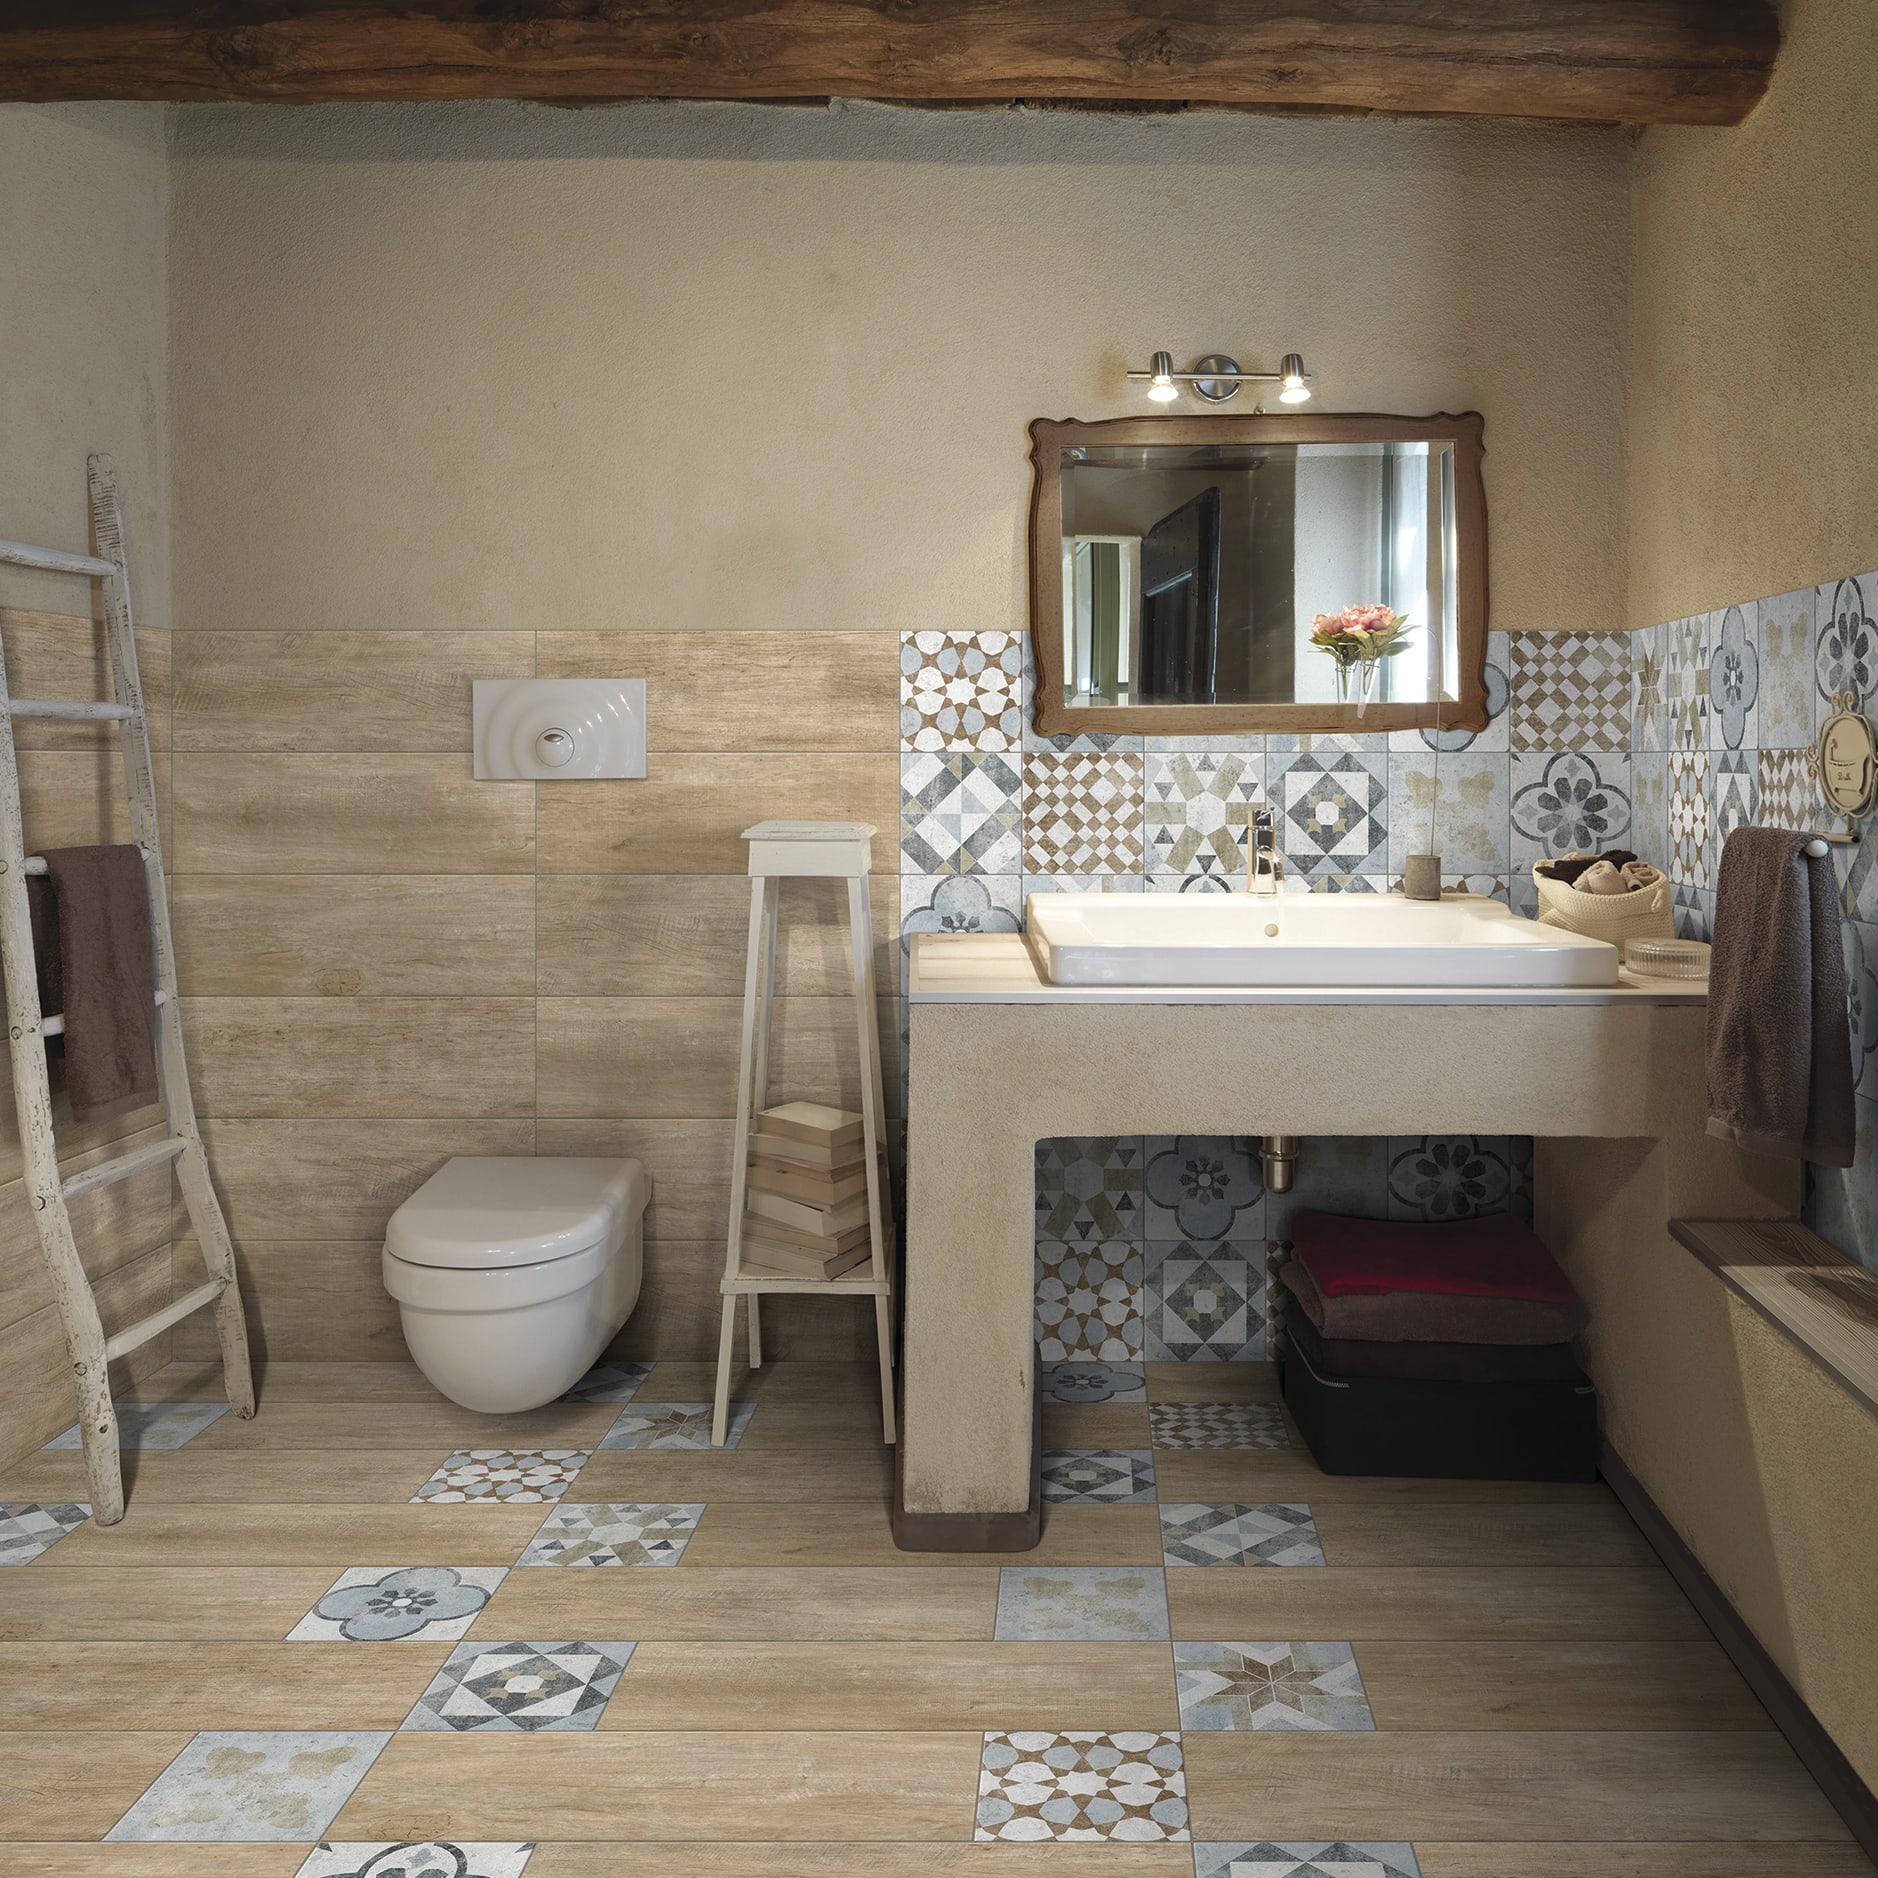 Rivestimenti Leroy Merlin Bagno piastrella villa 20 x 20 cm sp. 8.2 mm pei 4/5 multicolore